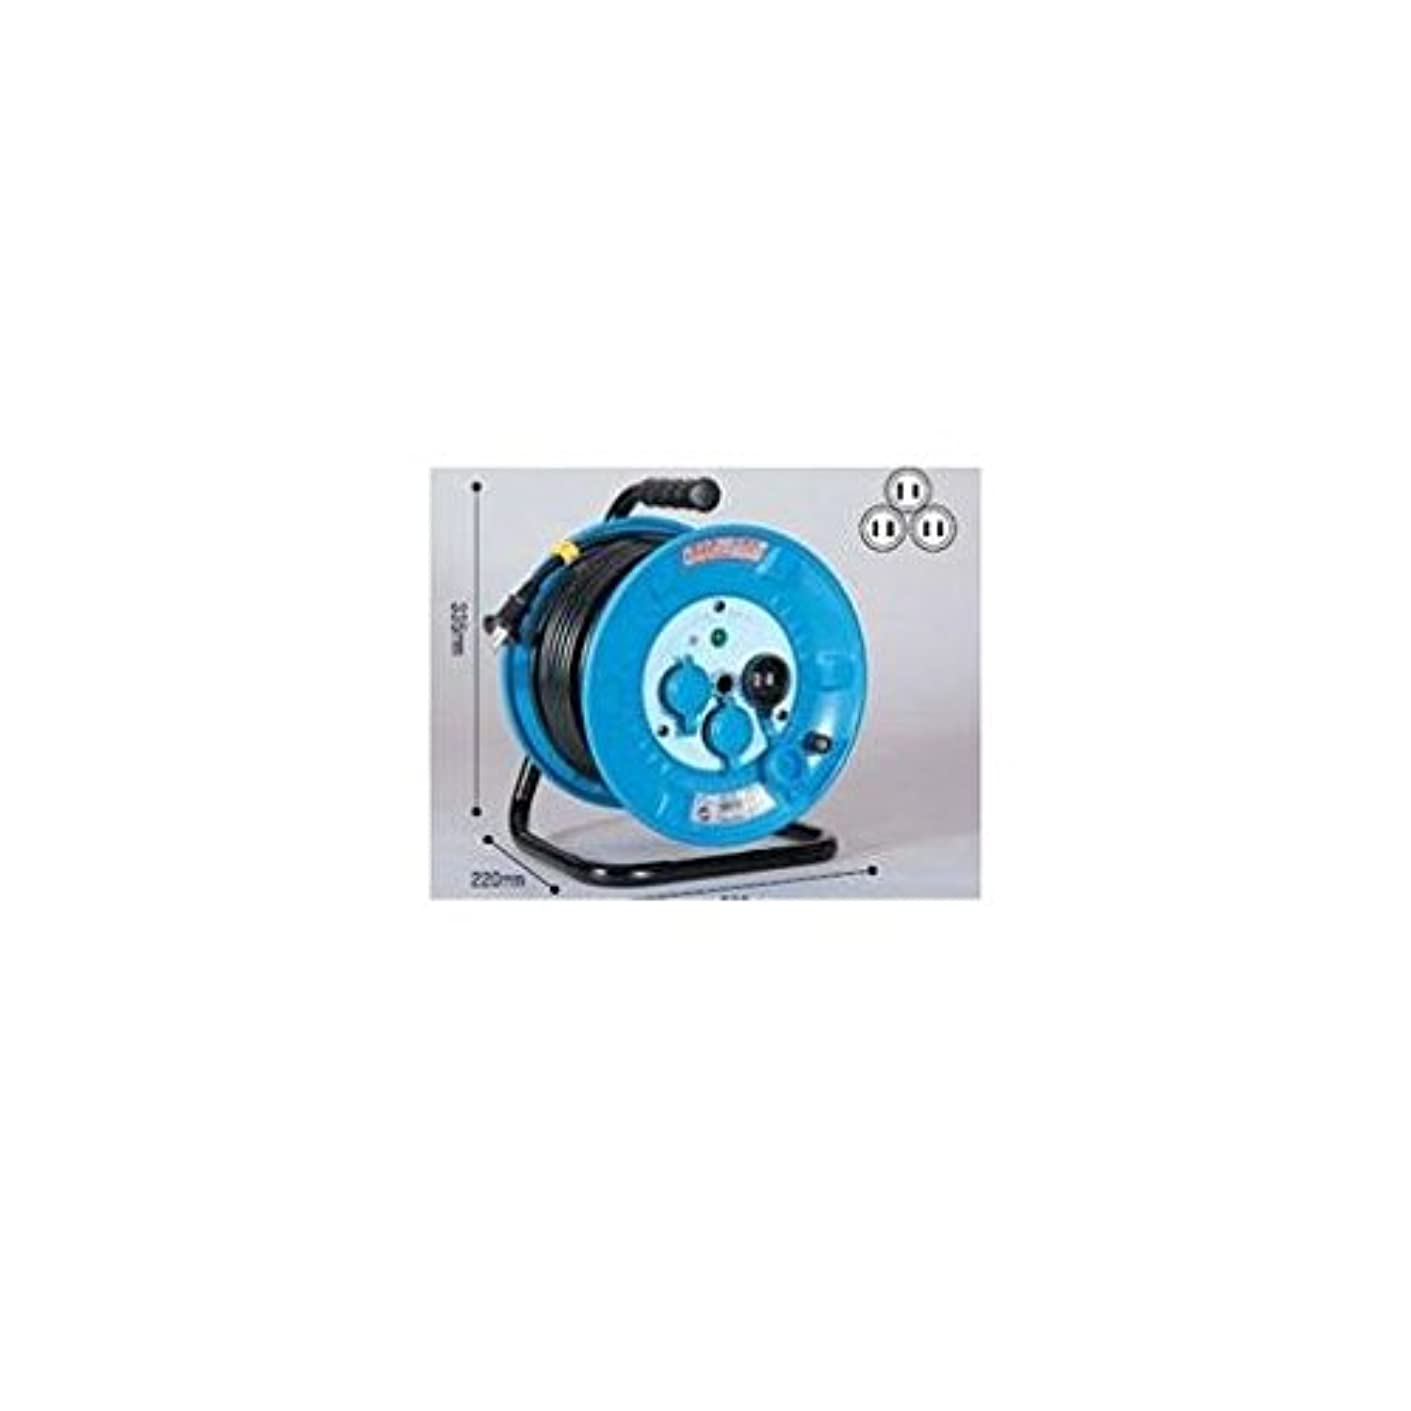 メーカー表面ラッドヤードキップリングCR43862 電工ドラム 防雨防塵型100Vドラム 2芯 30m